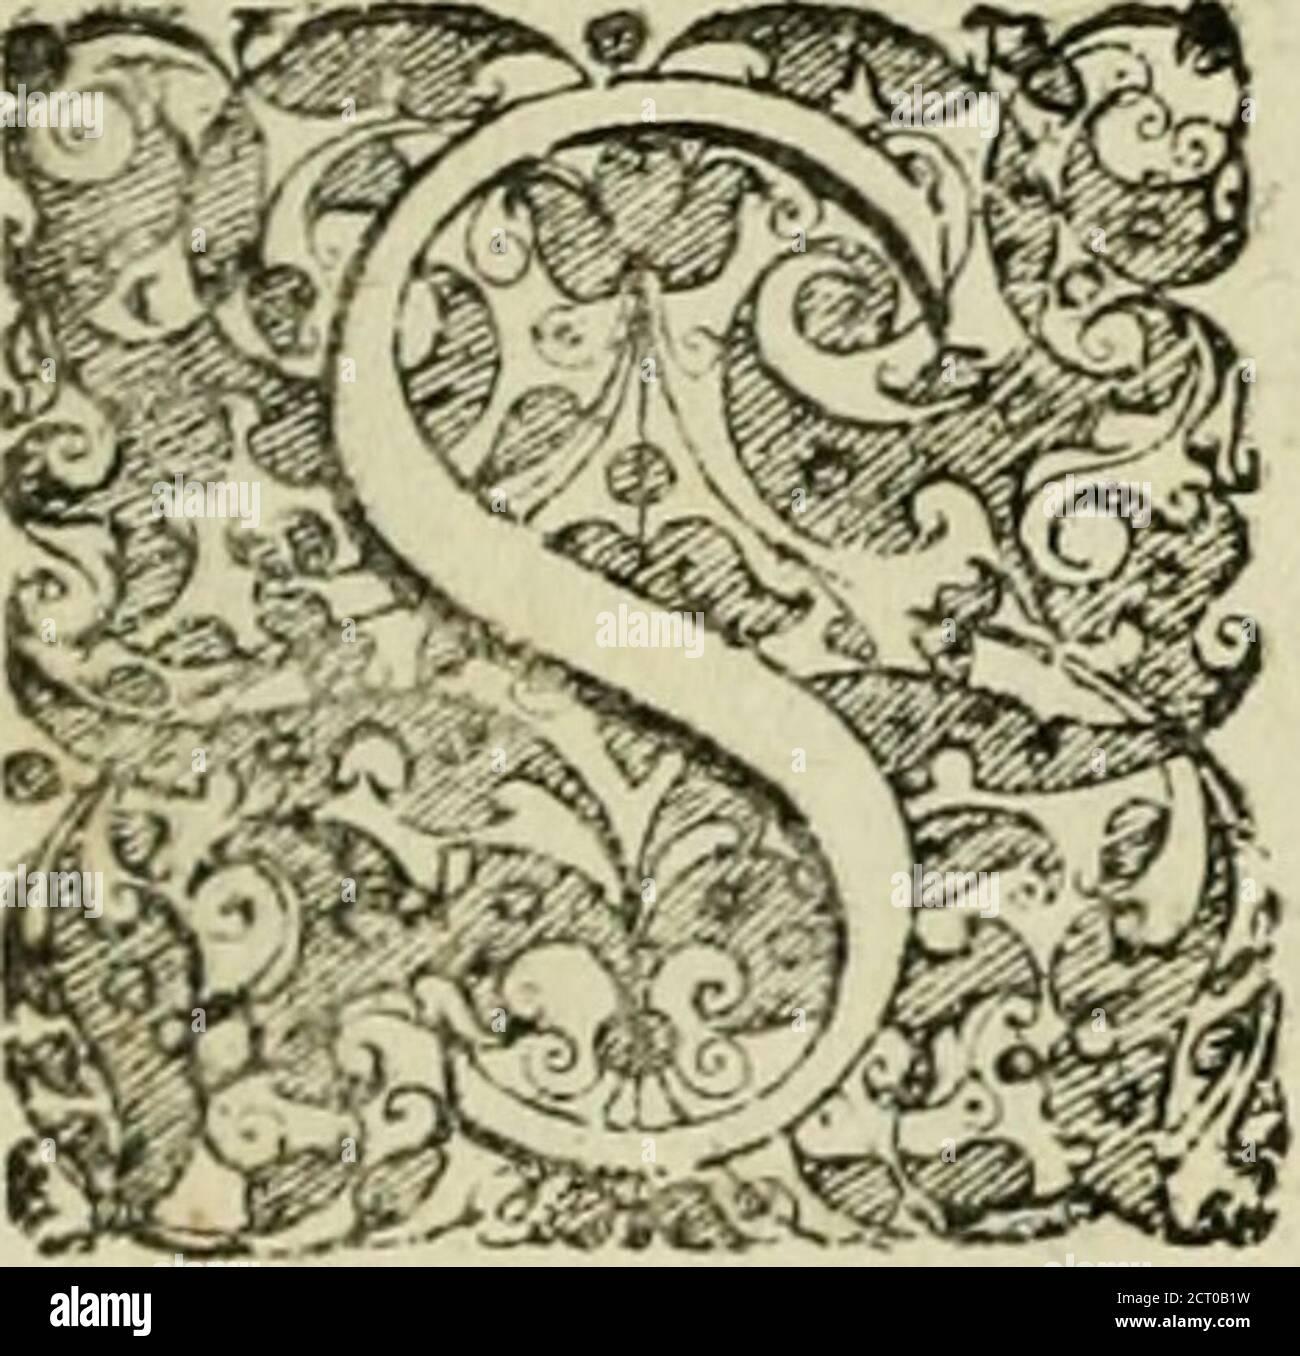 . Matrices natalis serenissimi infantis et principis Boiorum, Maximiliana Emanuelis favoribus sanctuum, heroum crepundiis, et votis Patrum S.I. coronatus : in solennnibus baptismalibus . Olem yclutfoliumunicumj, orbts olum d ^oma?i^B9loquentii^ paremc nuncupatum effe, jwtal.nt Lattantifus, U(c immerito,ut d quojojojojojojolo lux m orhemuniyersumfluit^ ejo- reliquajua in lumata di, Japt^u rta di, Jocturta di kutcira di, Jo^u krta krta di, Jo^u krta di an rta, Jo di an rta di, Jo di krta di an rta, Jo, Jo, Jo, Jo di krta di krta, Jo, Klípta, Jo, Jo, Klípta, Klípta, Klípta, Klípta, Klípta Banque D'Images